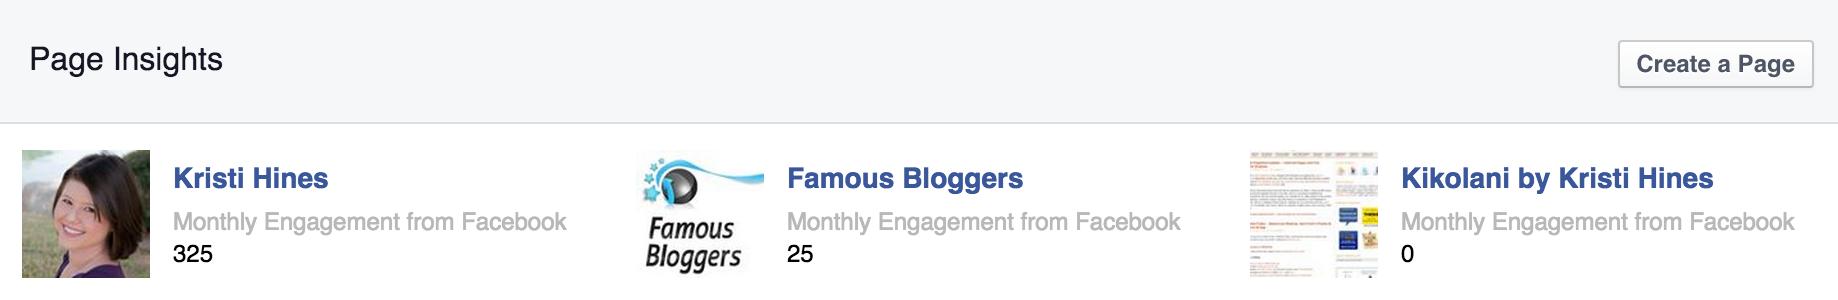 facebook metrics insights overview screenshot